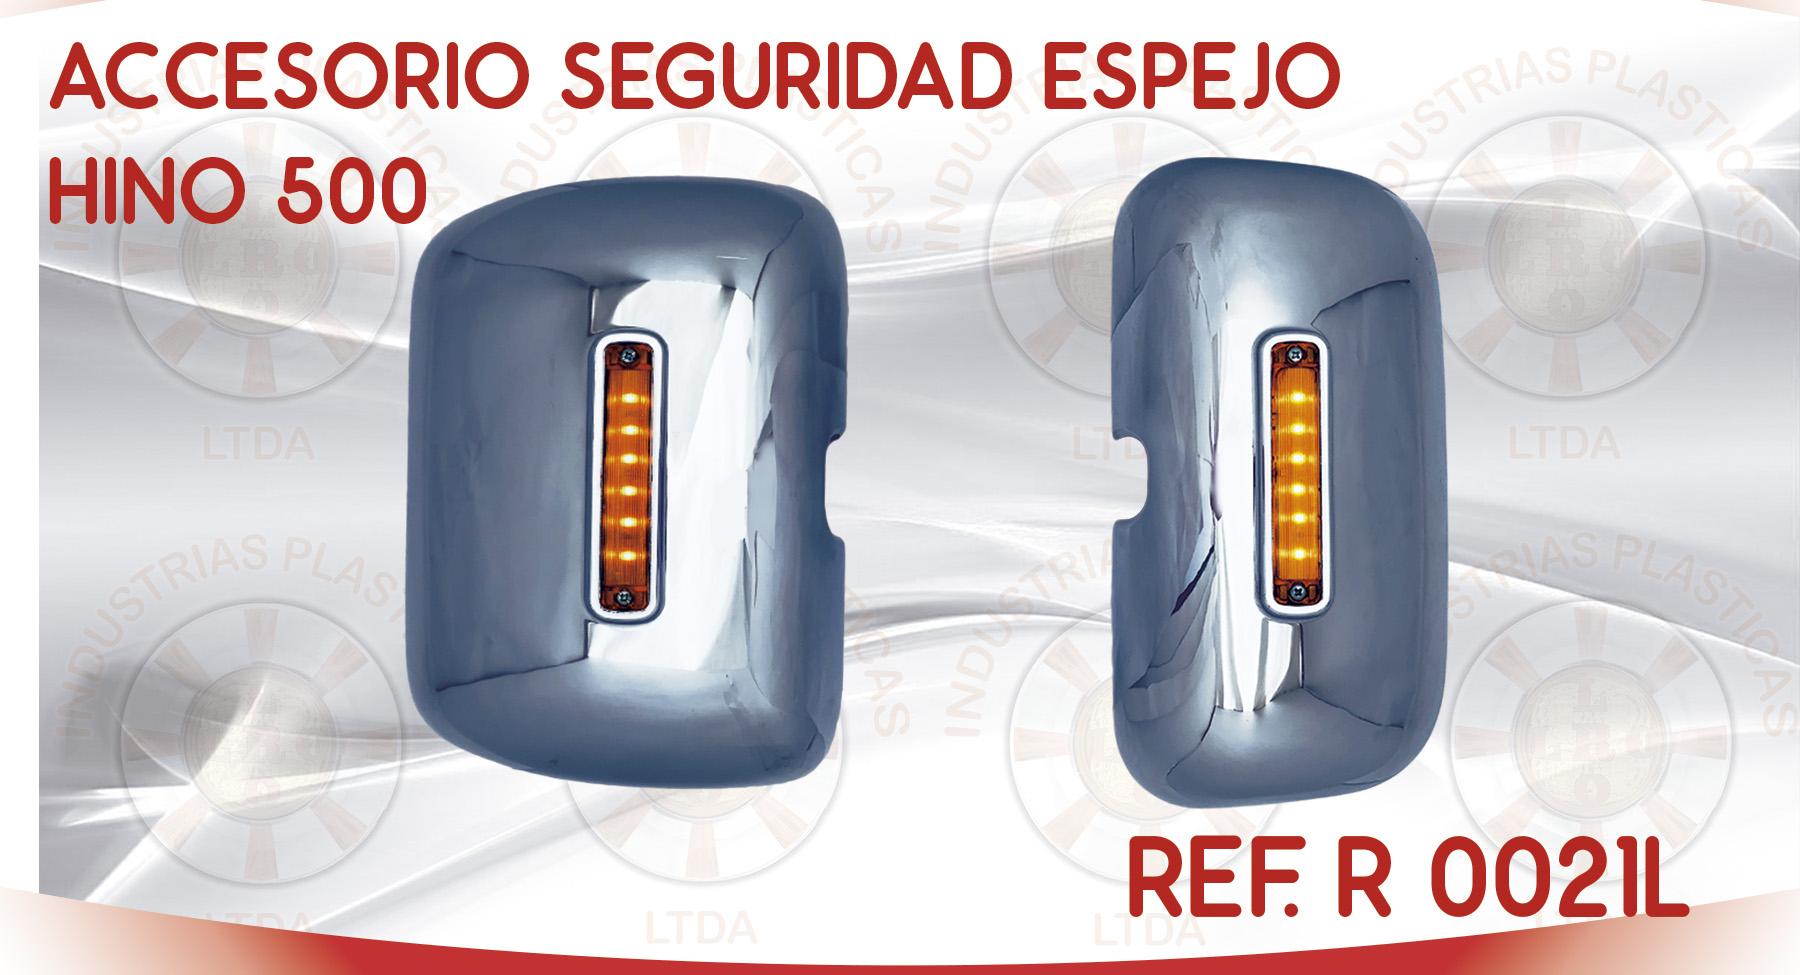 R 0021L ACCESORIO SEGURIDAD ESPEJO HINO 500